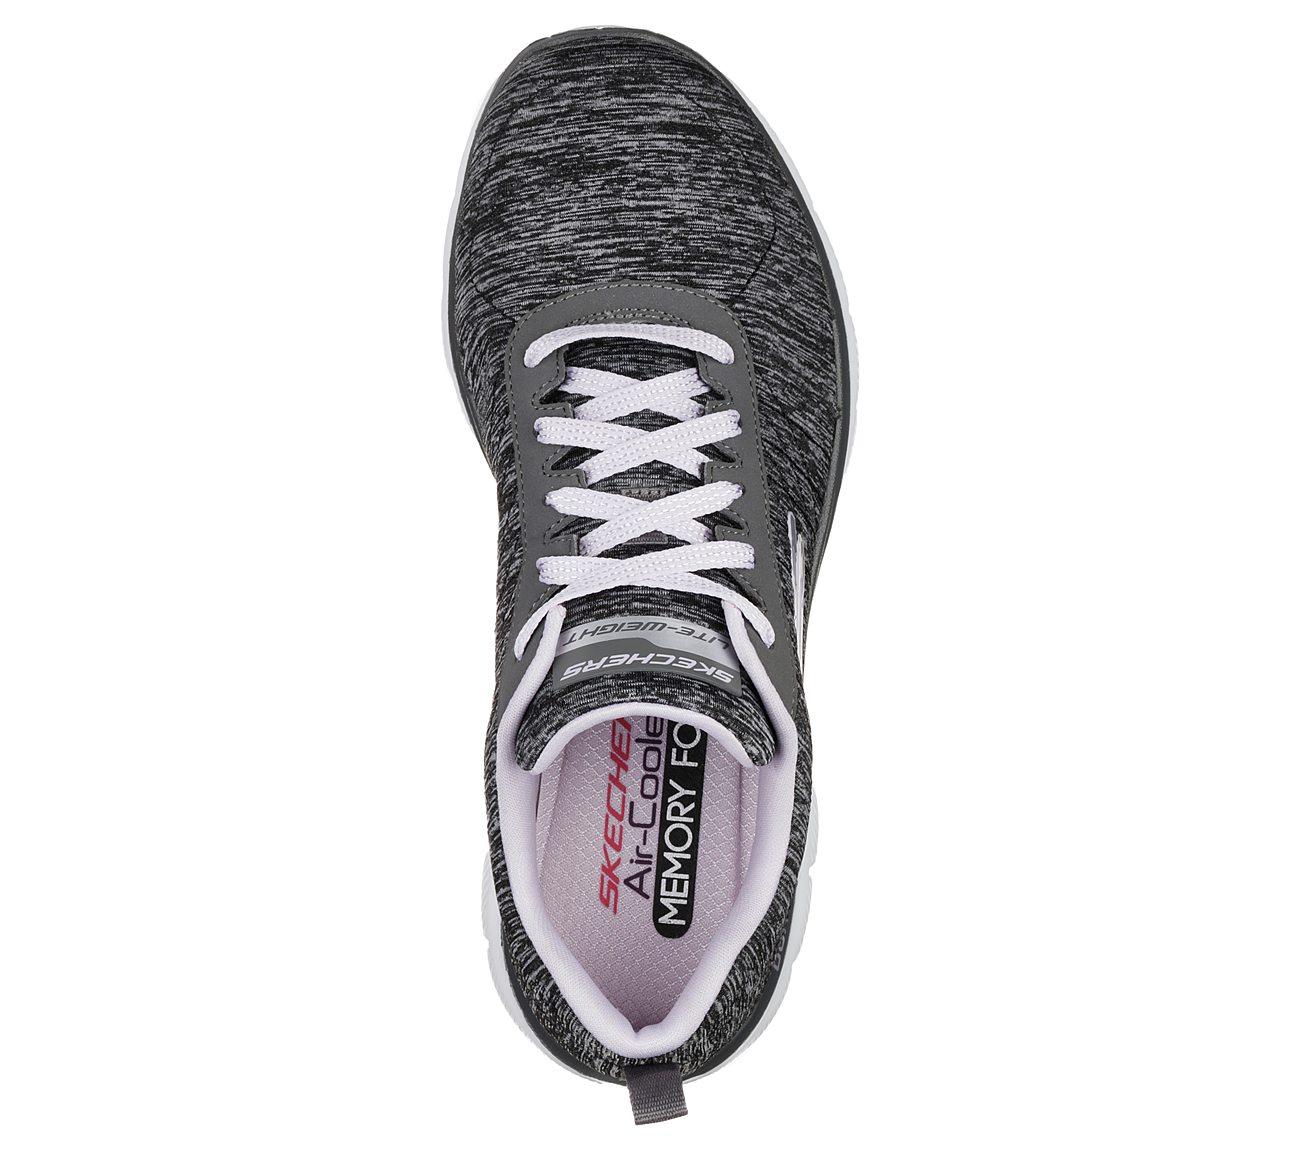 70703cfff354 Buy SKECHERS Flex Appeal 2.0 Flex Appeal Shoes only  49.00